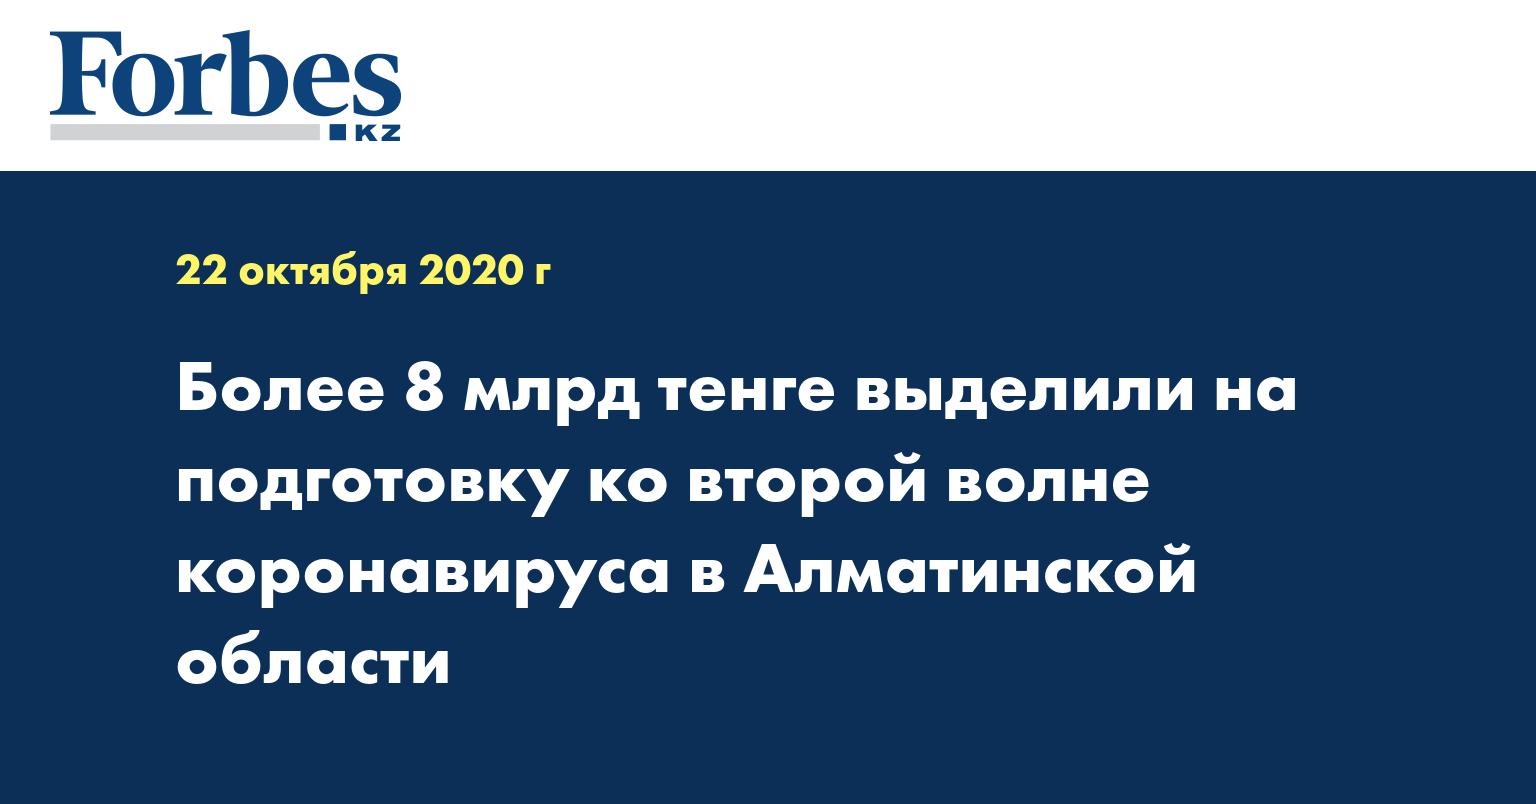 Более 8 млрд тенге выделили на подготовку ко второй волне коронавируса в Алматинской области